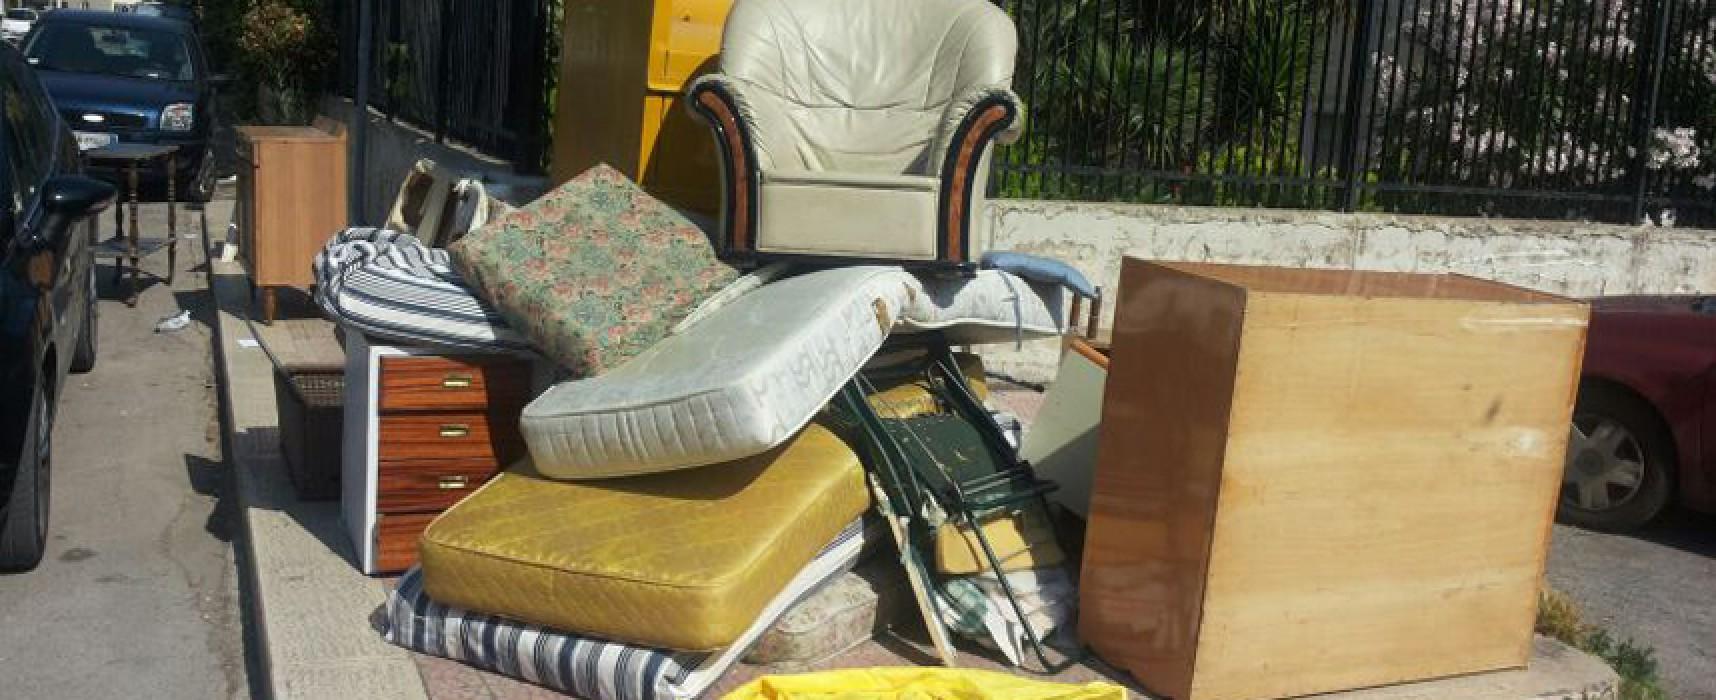 Enorme cumulo di vecchia mobilia a Sant'Andrea, tutto ripulito celermente / FOTO